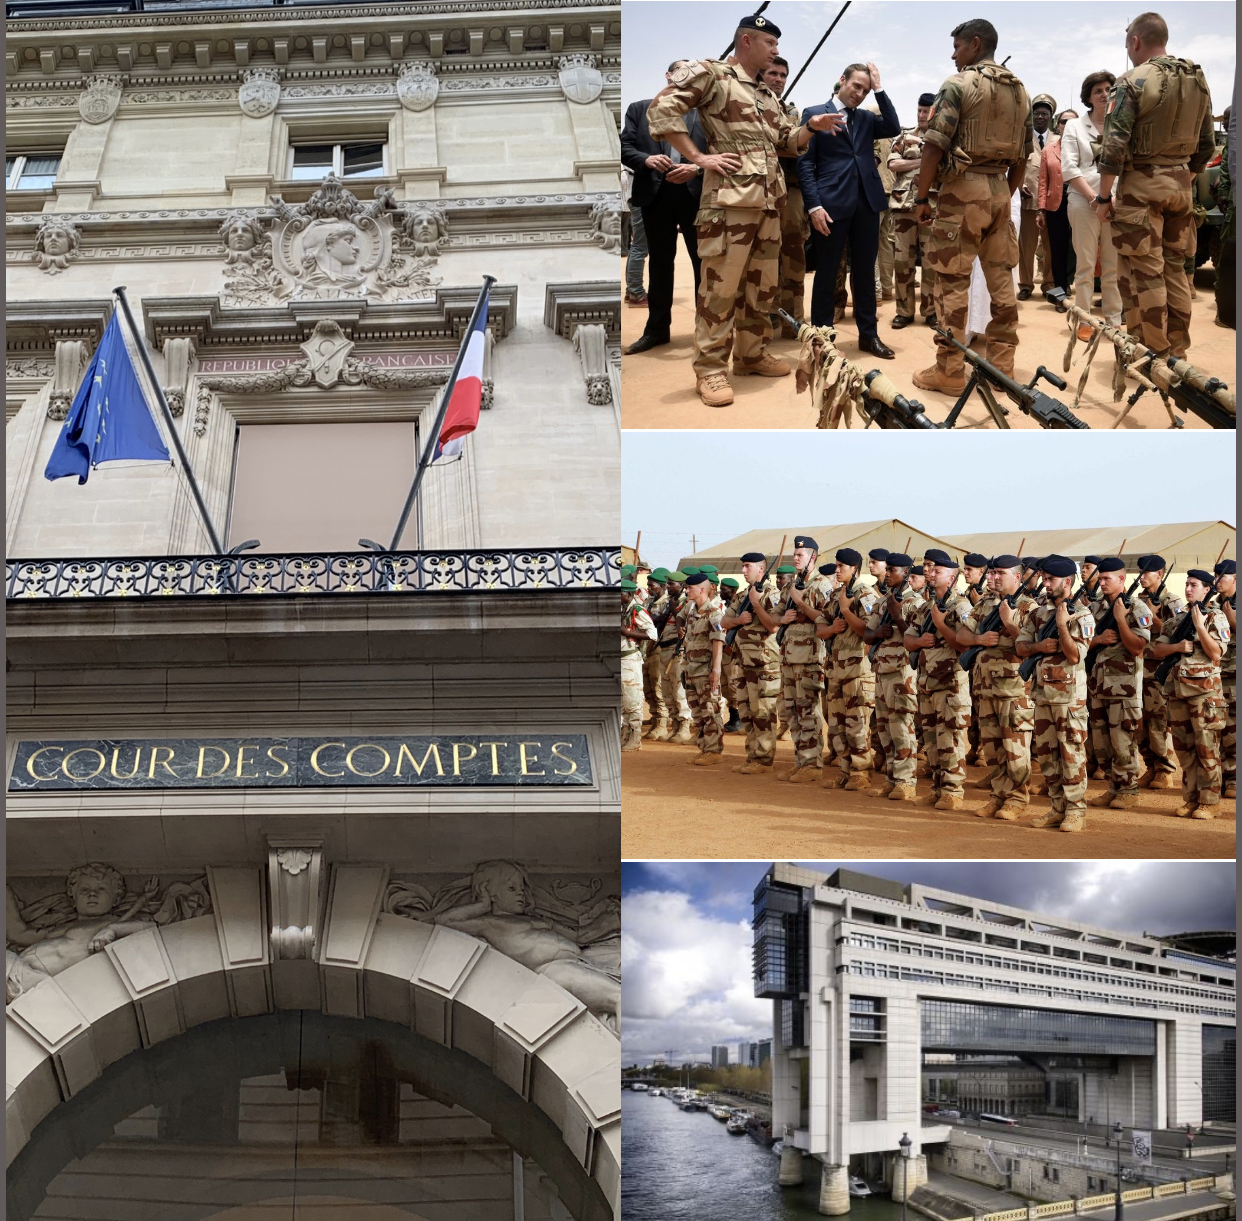 Efficacité de Barkhane, écart entre dépenses militaires et montant versé à l'aide publique au développement dans les pays du G5 Sahel : La Cour des comptes française sans complaisance.